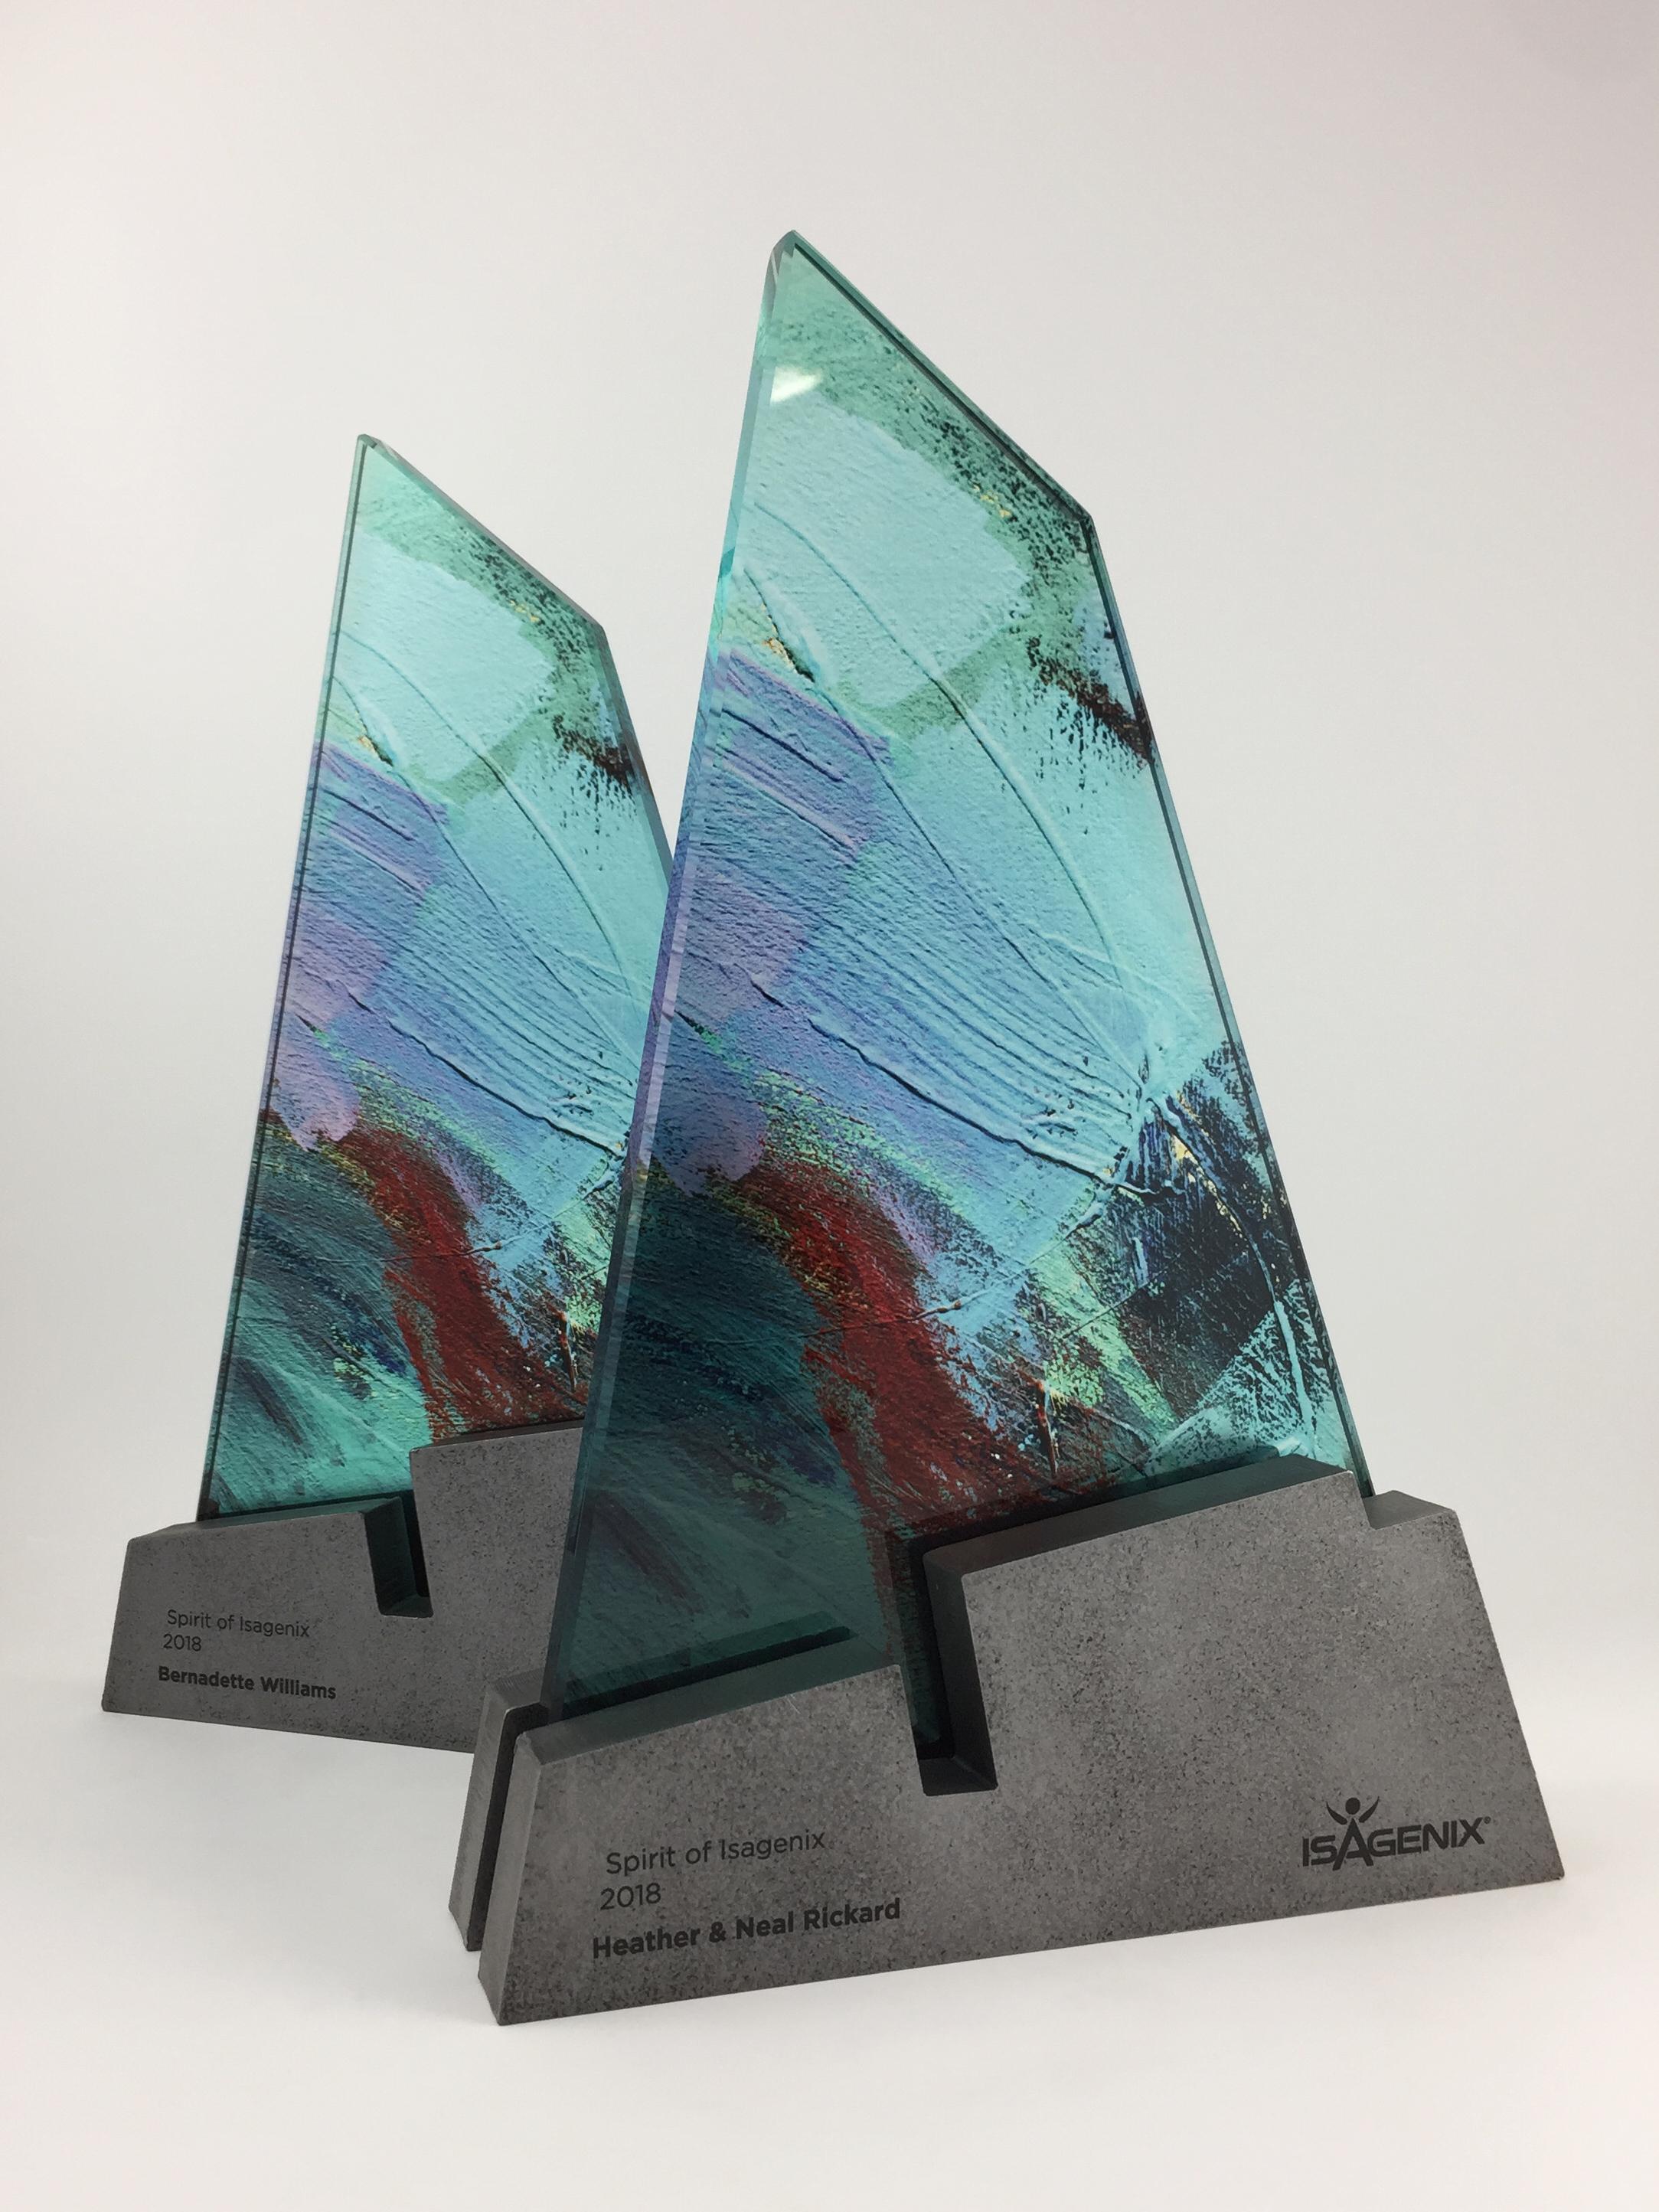 isagenix-spirit-metal-glass-art-trophy-awards-sculpture-01.jpg